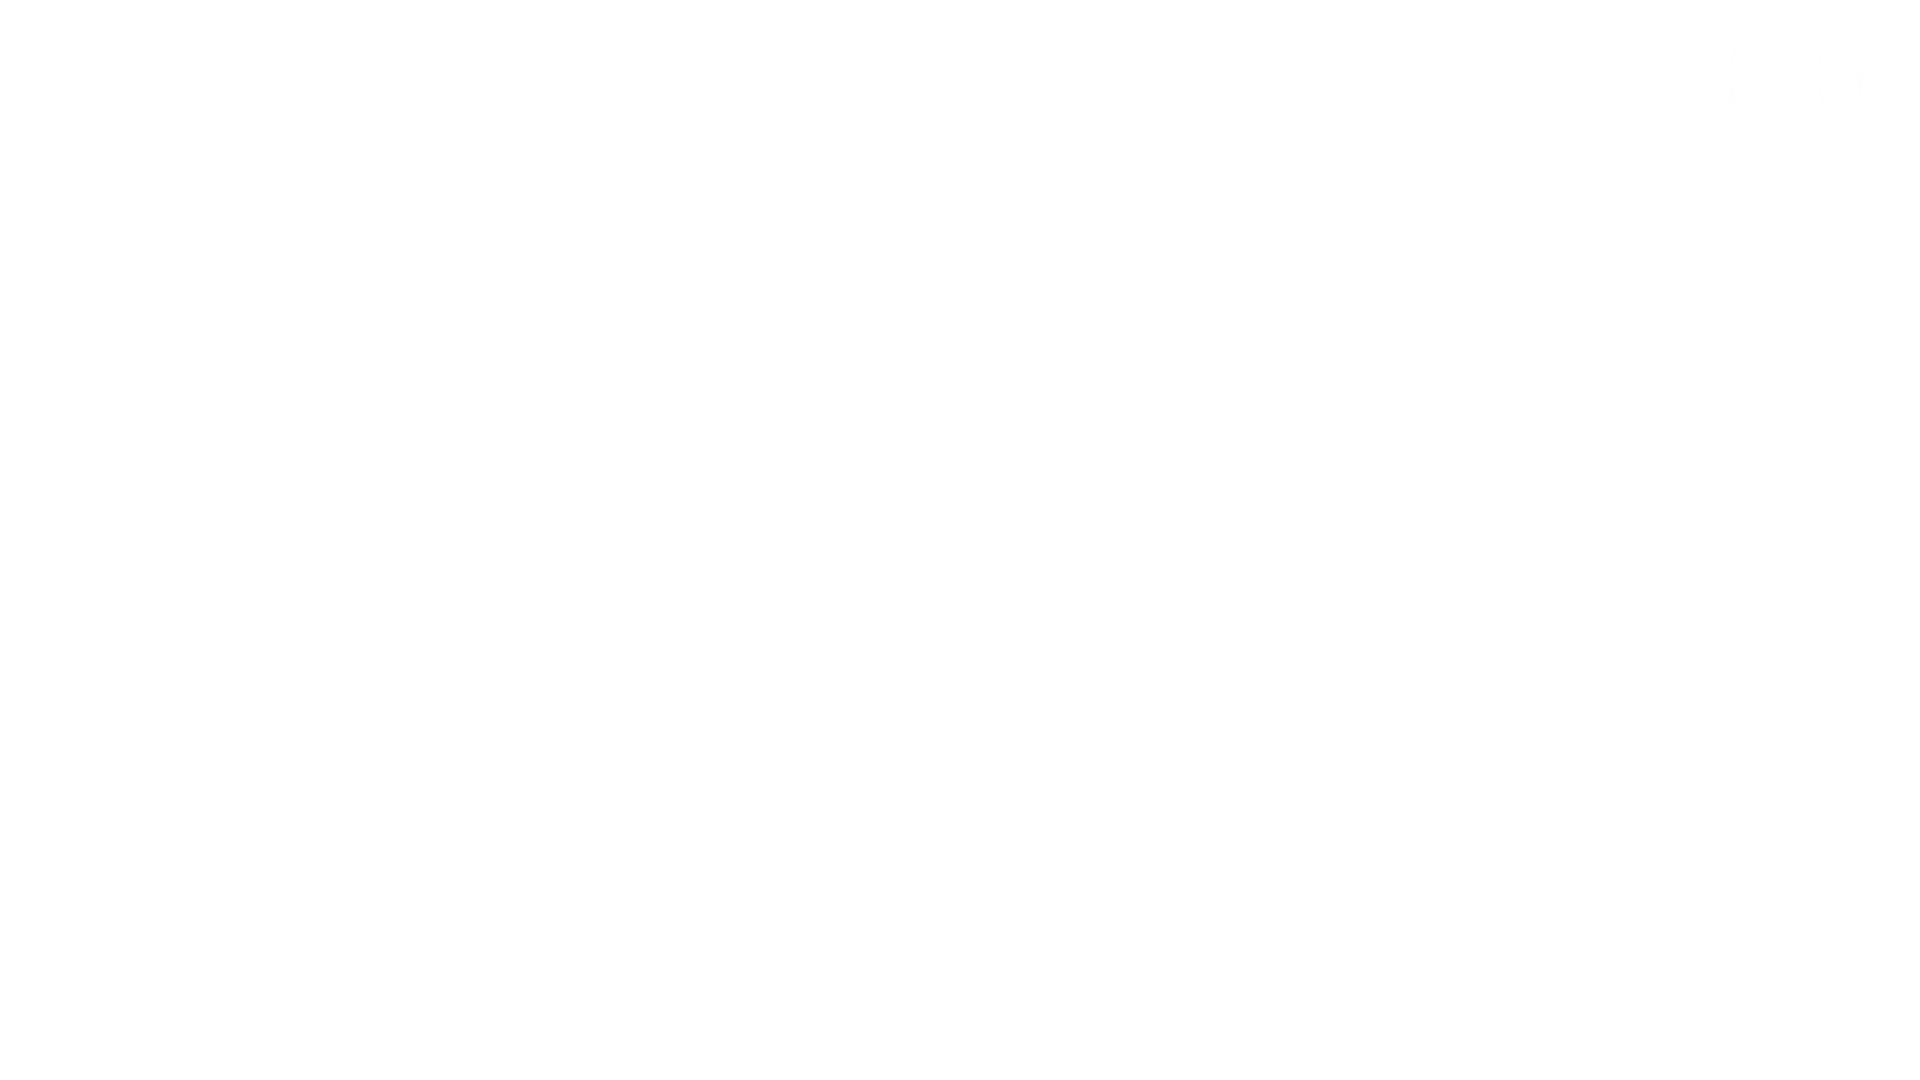 至高下半身盗撮-PREMIUM-【院内病棟編 】 vol.01 下半身  38PICs 25